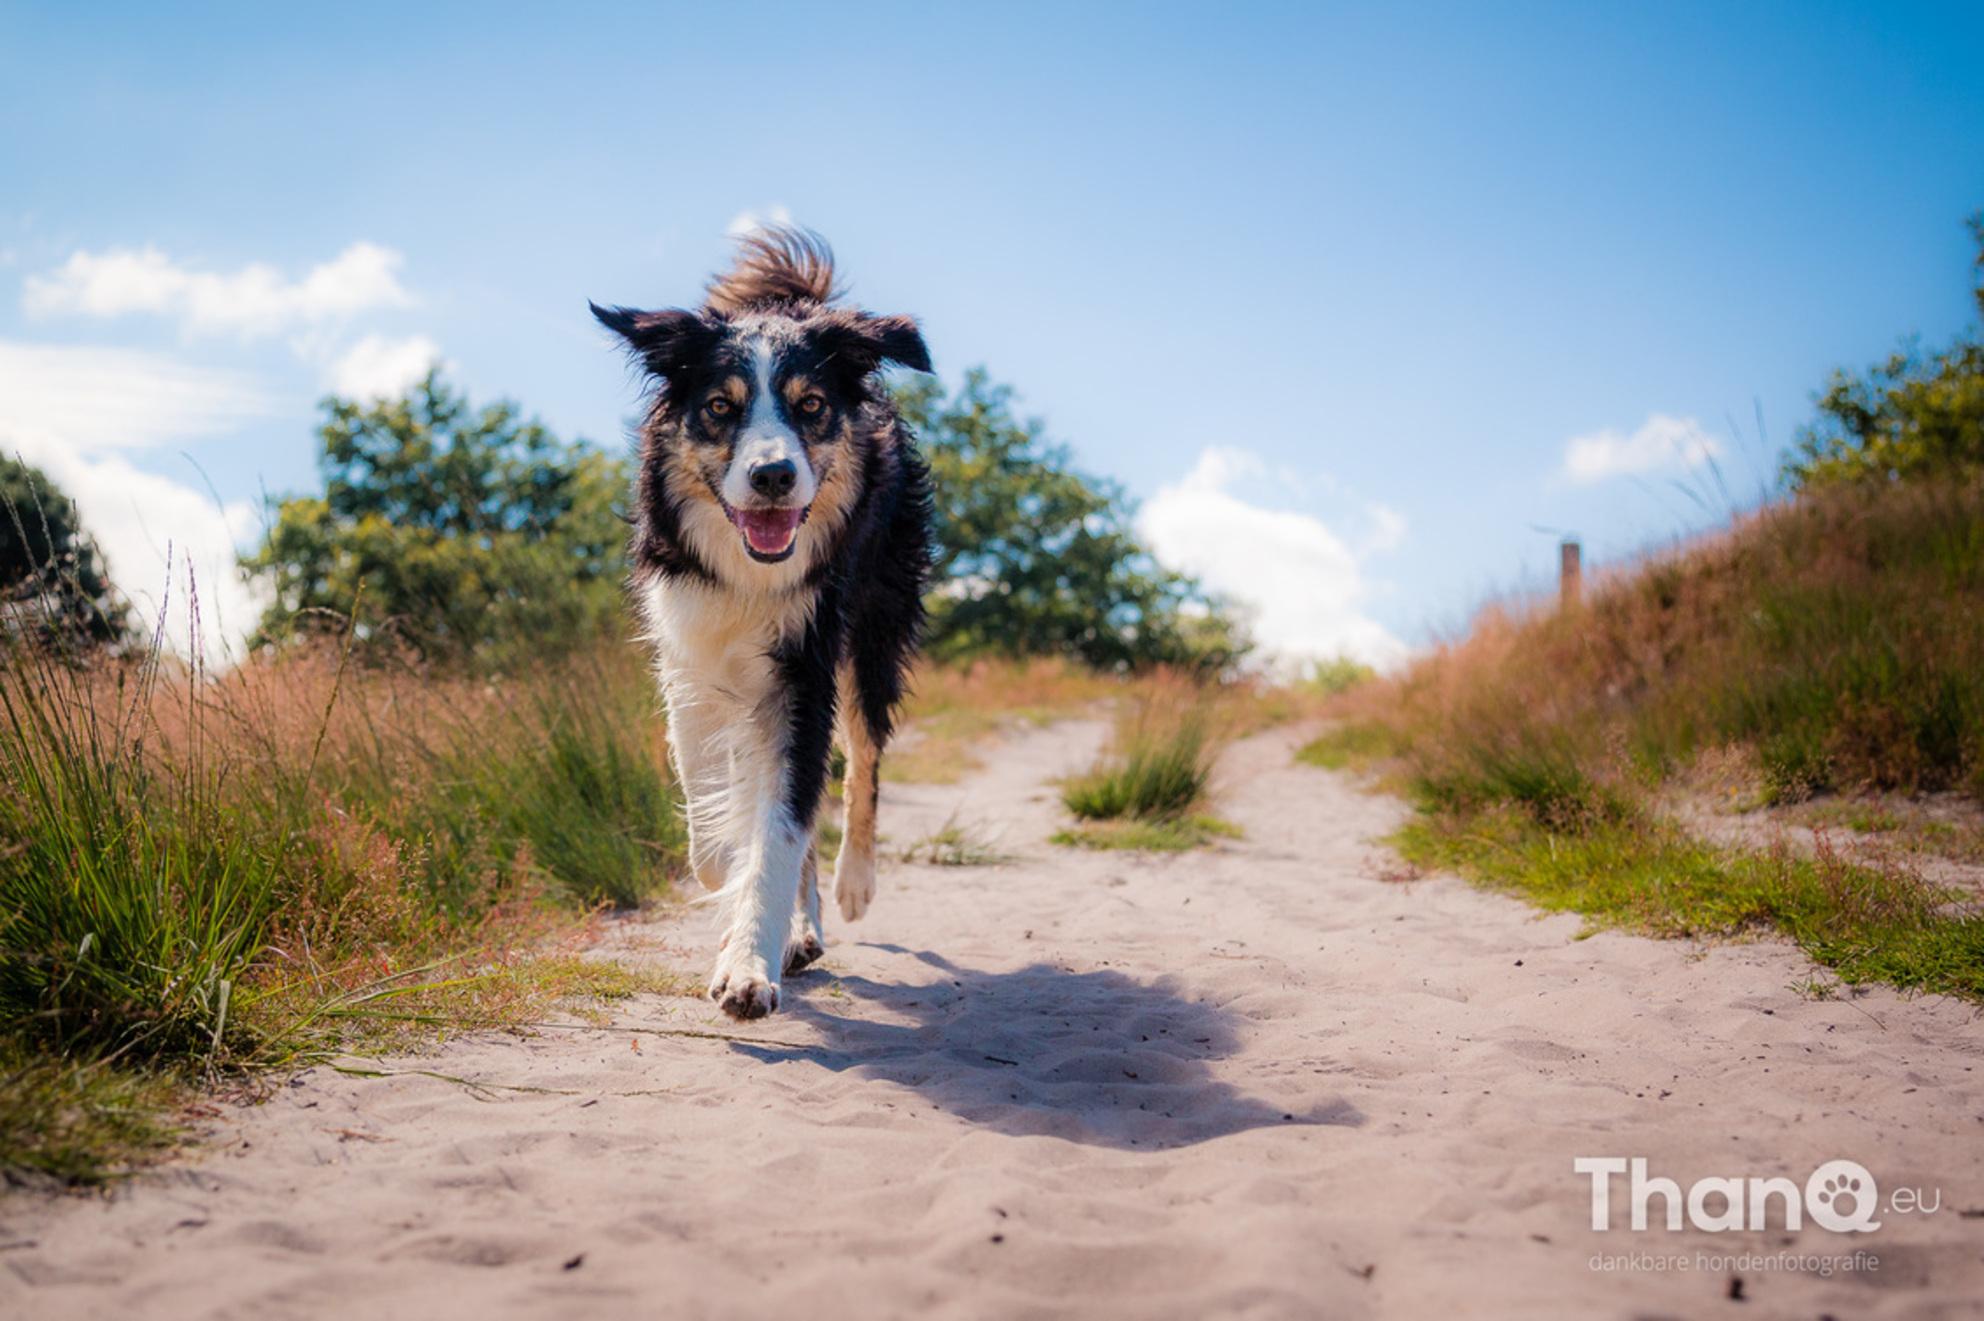 Smile - Op de internationale dag van de lach mag een blije foto natuurlijk niet ontbreken! - foto door p.bezuijen op 07-10-2016 - deze foto bevat: huisdier, hond, lachen, lach, wandelen, vrolijk, lopen, blij, Border Collie, world smile day, internationale dag van de lach - Deze foto mag gebruikt worden in een Zoom.nl publicatie